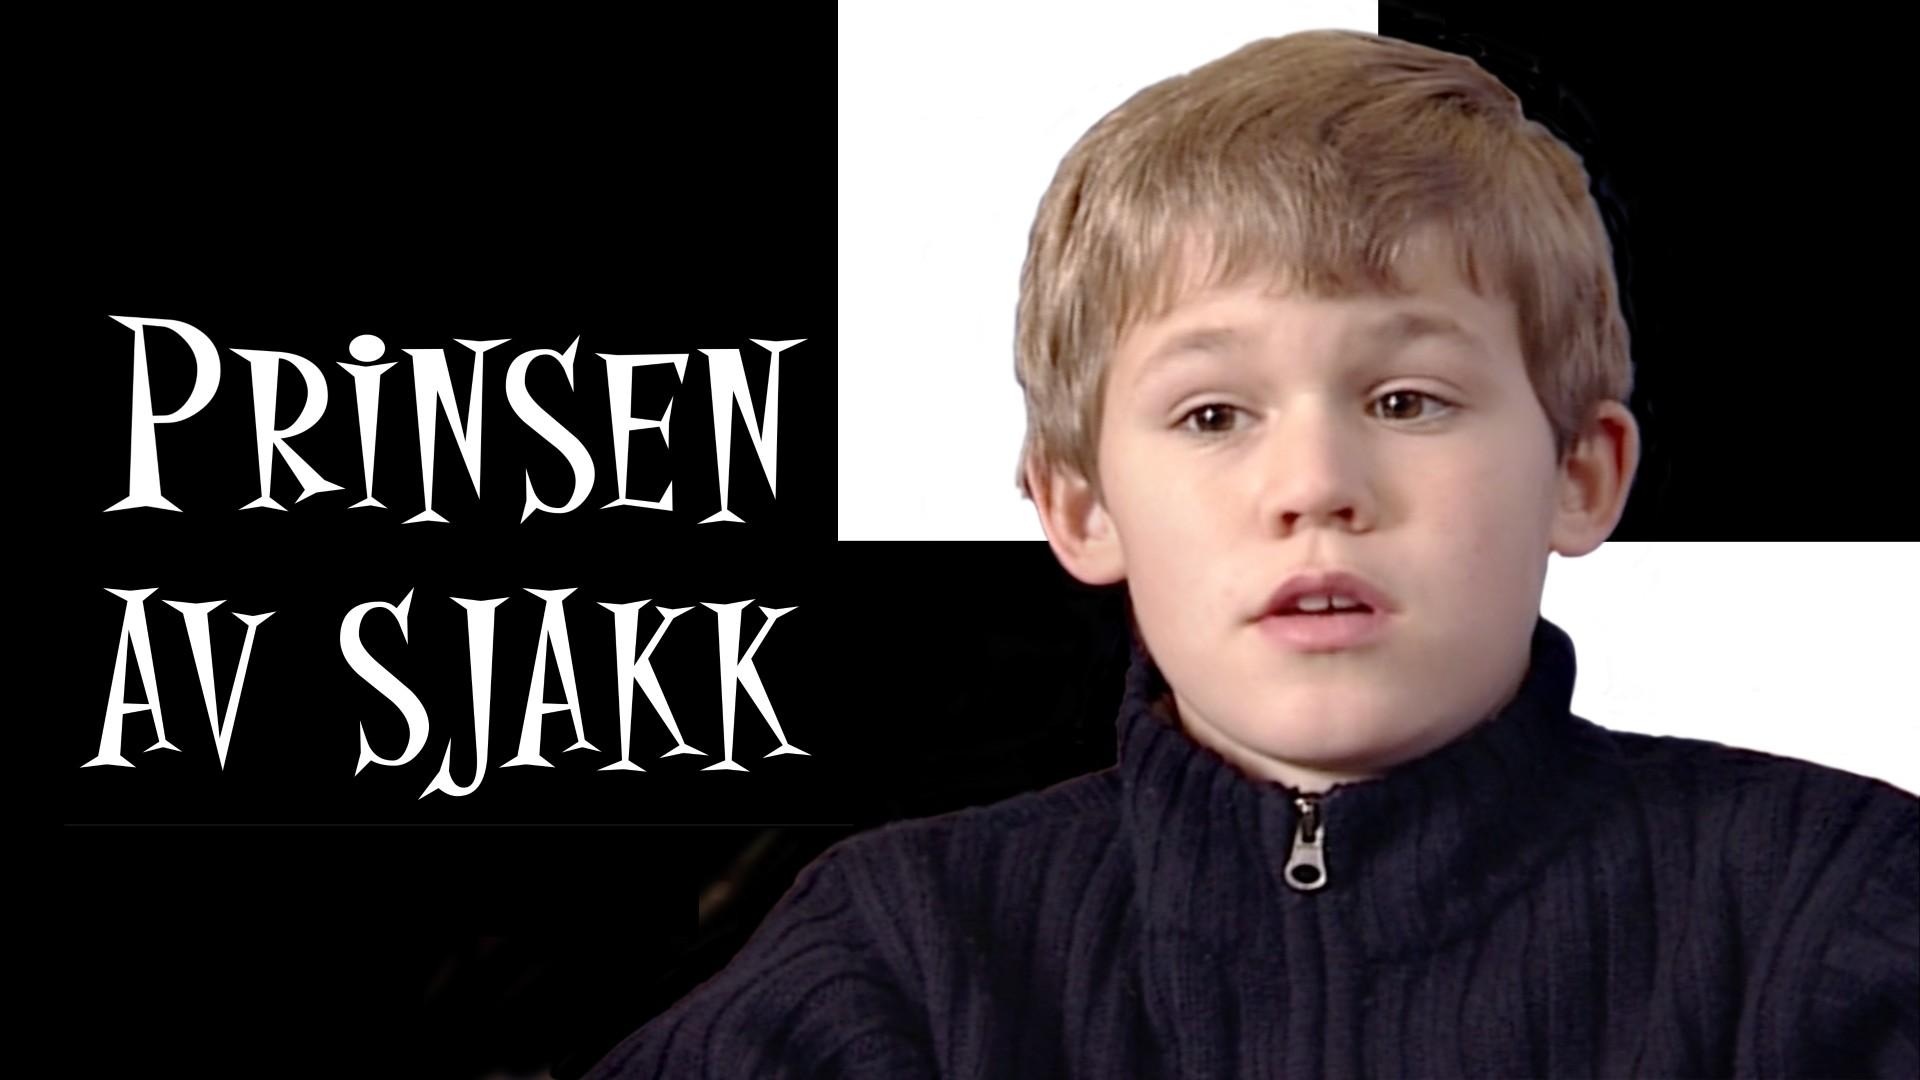 Nrk Tv Magnus Carlsen Prinsen Av Sjakk